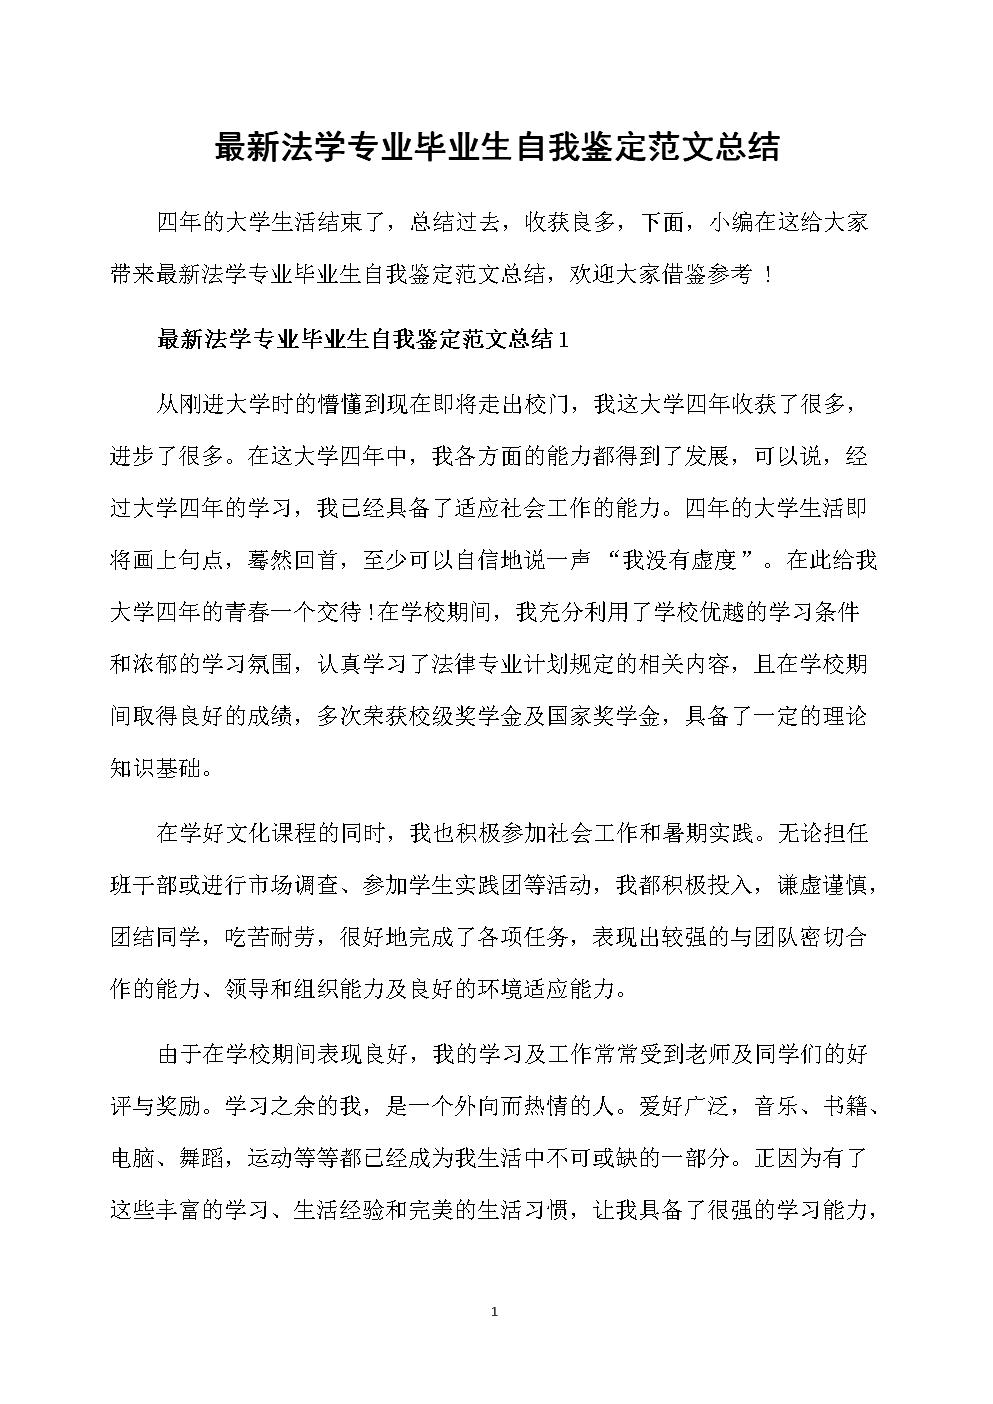 最新法学专业毕业生自我鉴定范文总结.docx